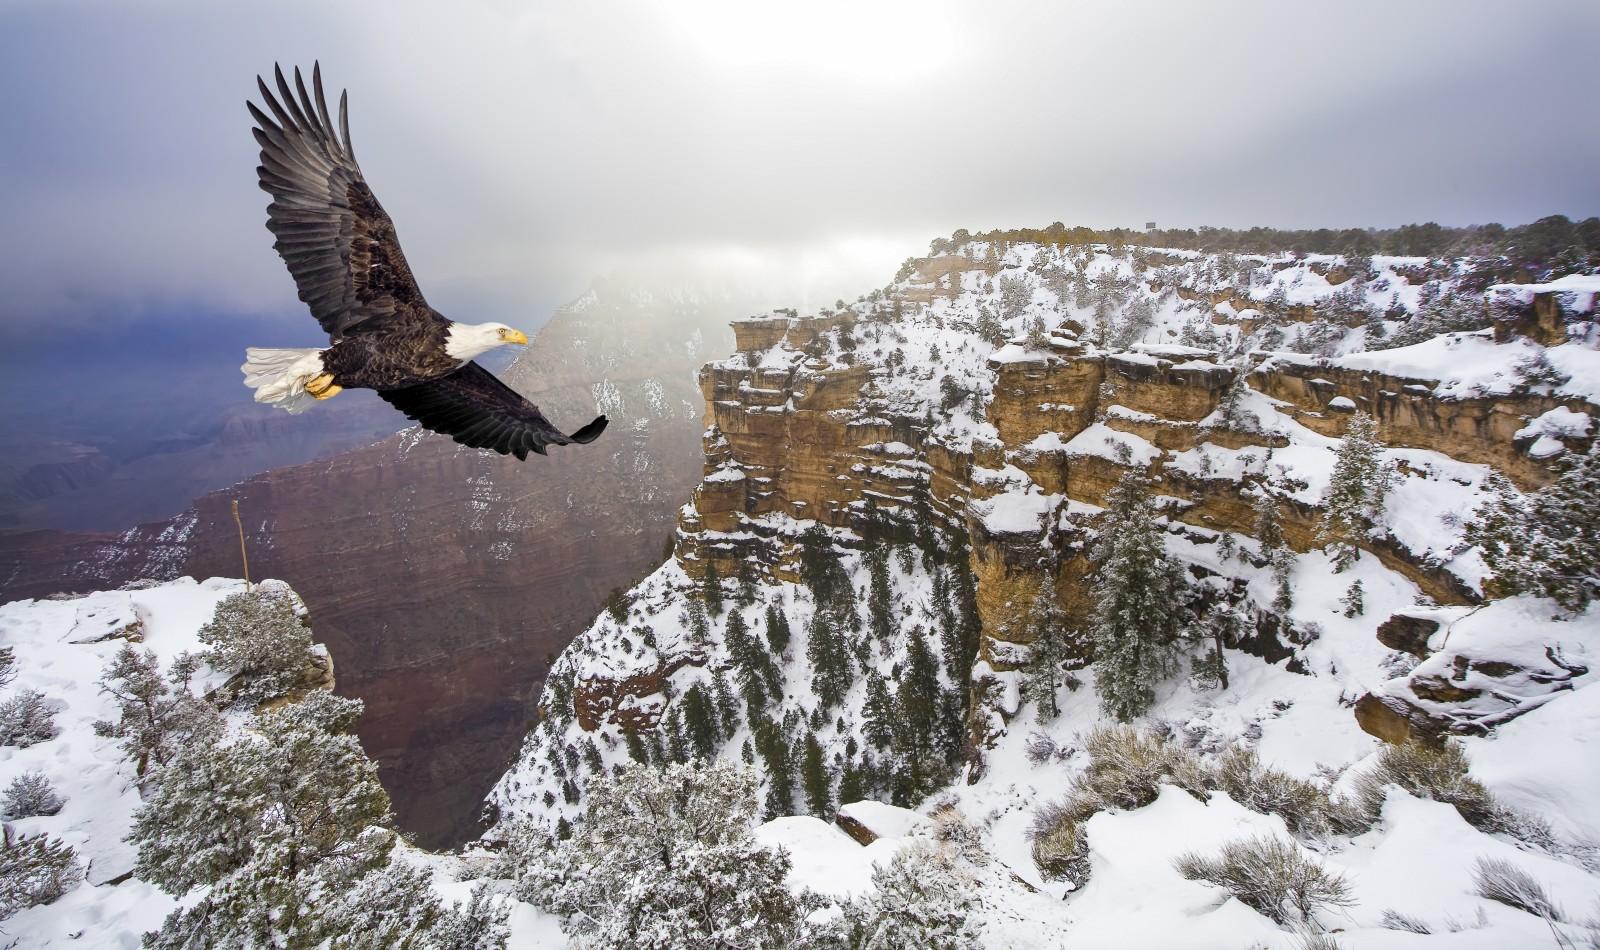 Wer Wunder sucht, der kommt in den USA an den Nationalparks kaum vorbei. Eine Tatsache, die viele Menschen anlockt. 2016 und 2017 waren es 331 Millionen.